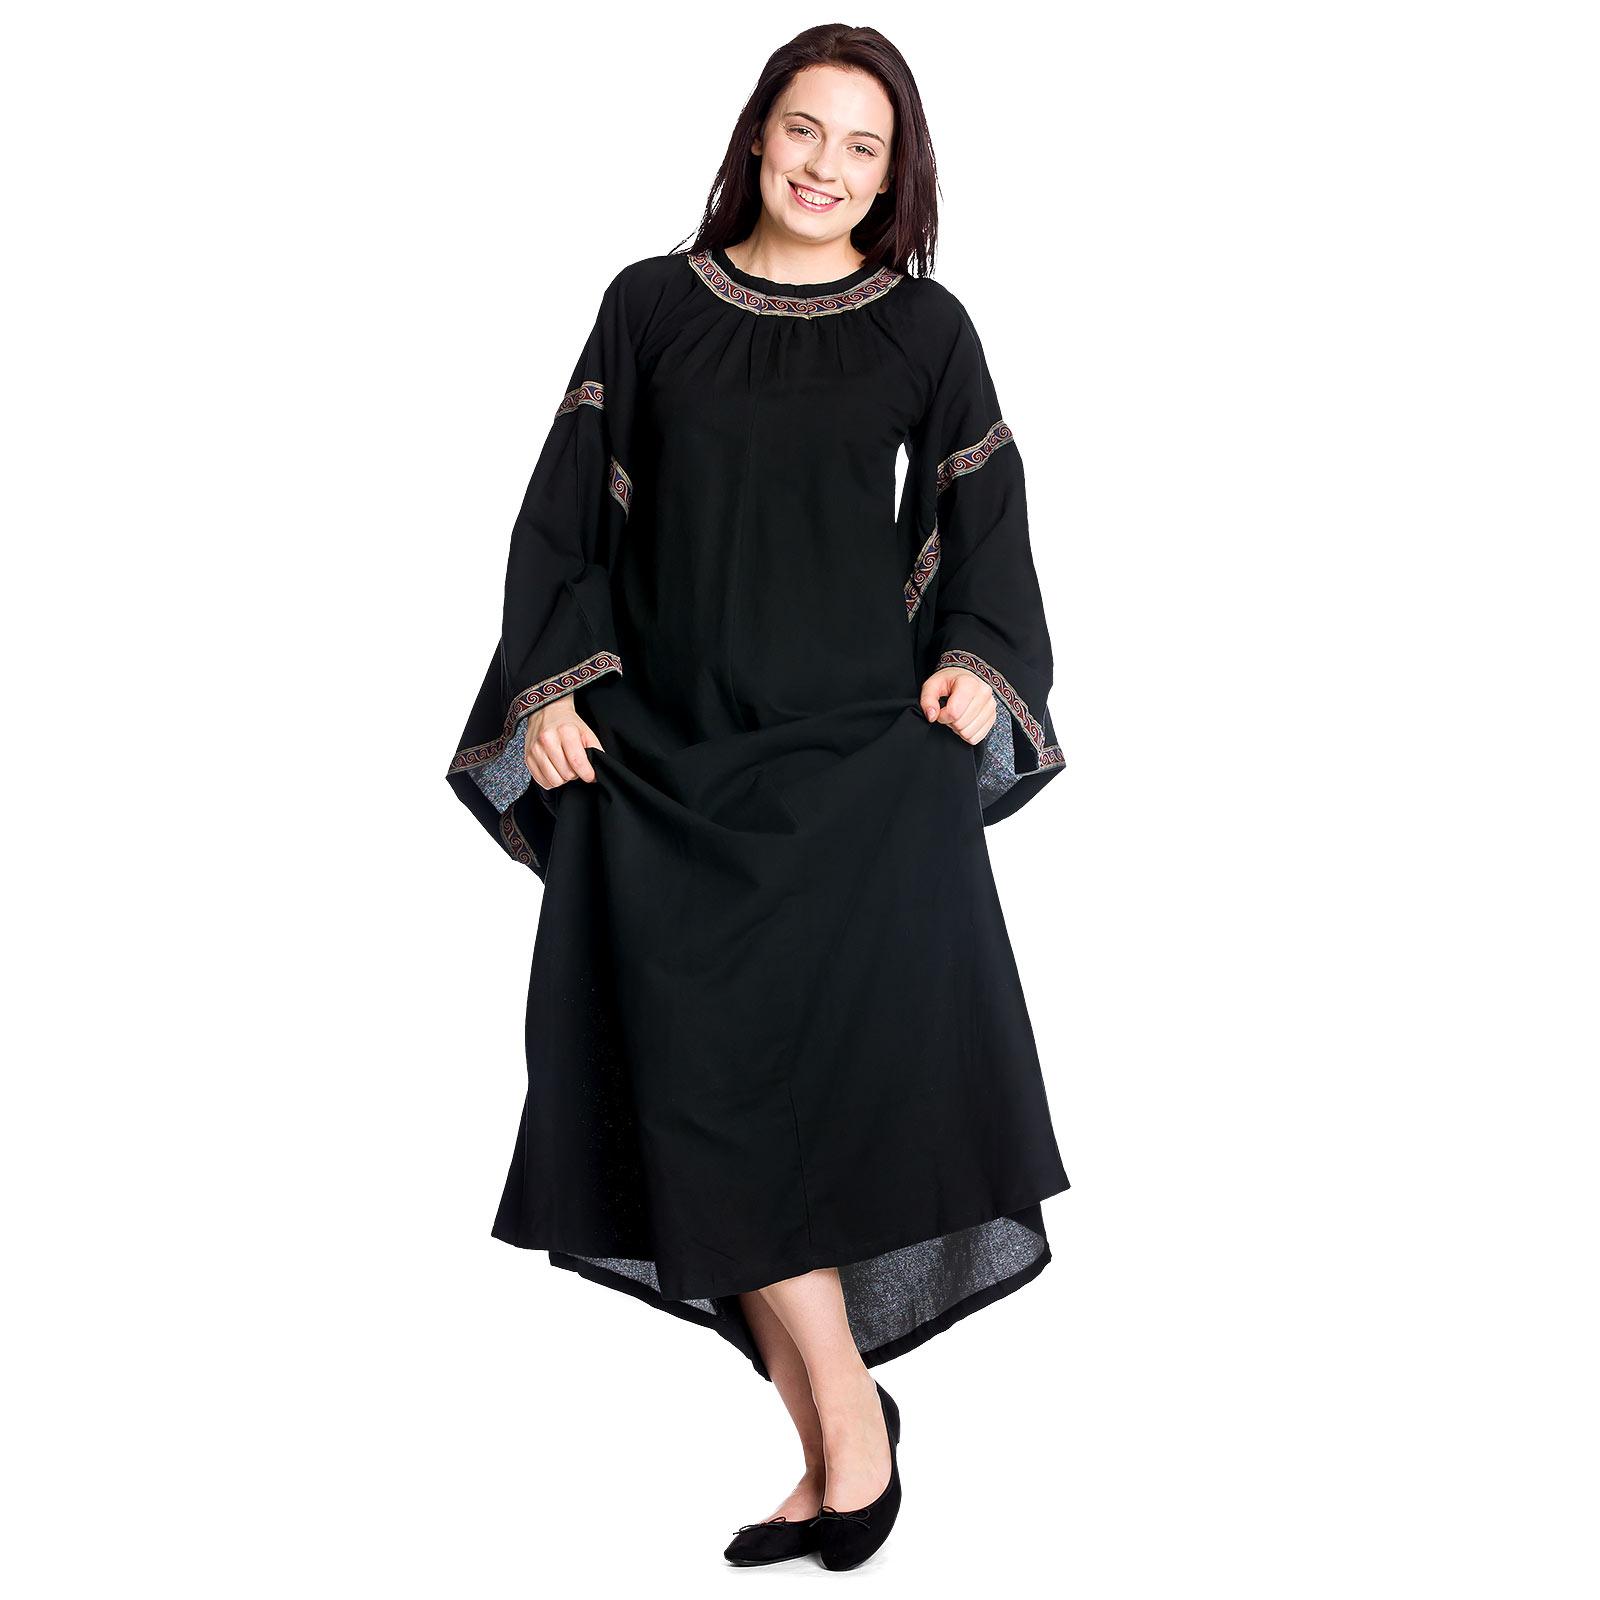 Mittelalter Kleid Ida mit Trompetenärmel schwarz